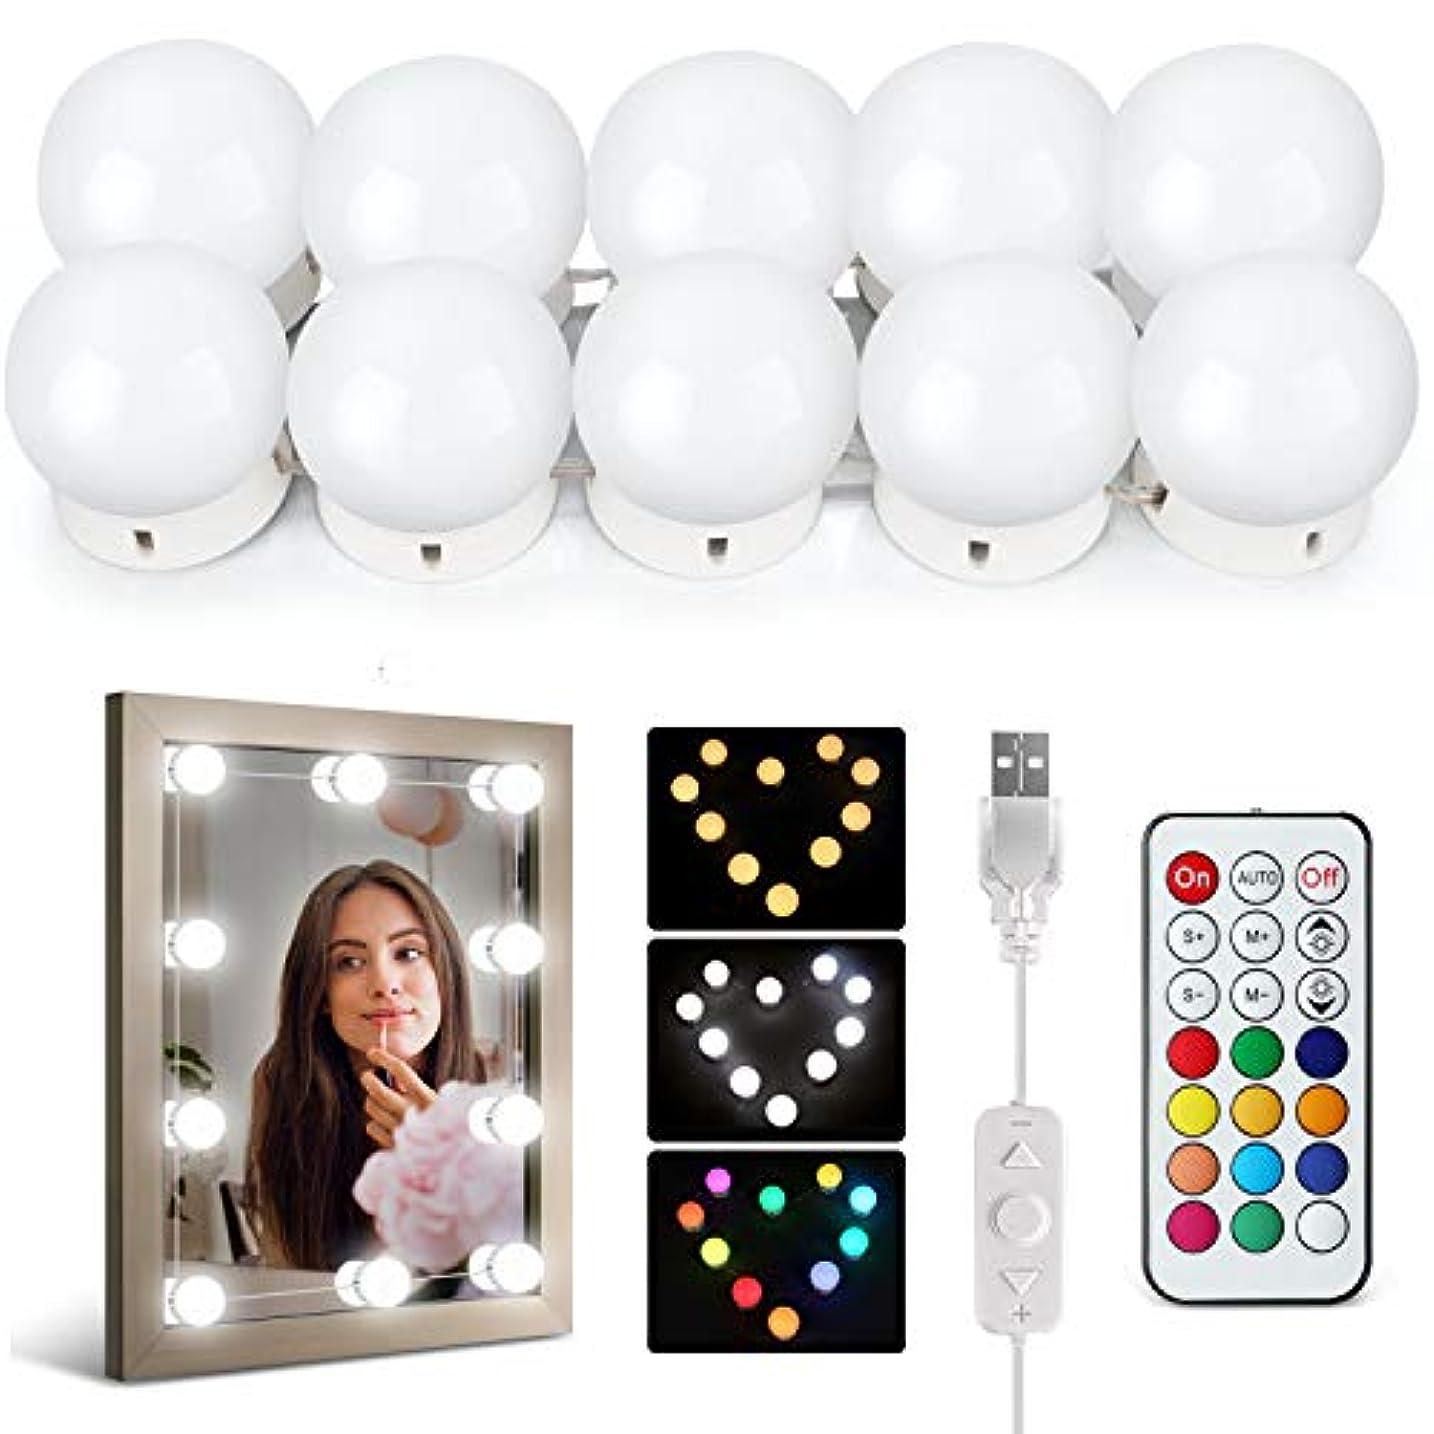 くつろぐ回復する移民IDESION LEDミラーライト 女優ライト 10個で1セット 12カラー 30パターン以上の点灯モード ダブルリモコン付き ハリウッドライト USB給電 日本語説明書付き